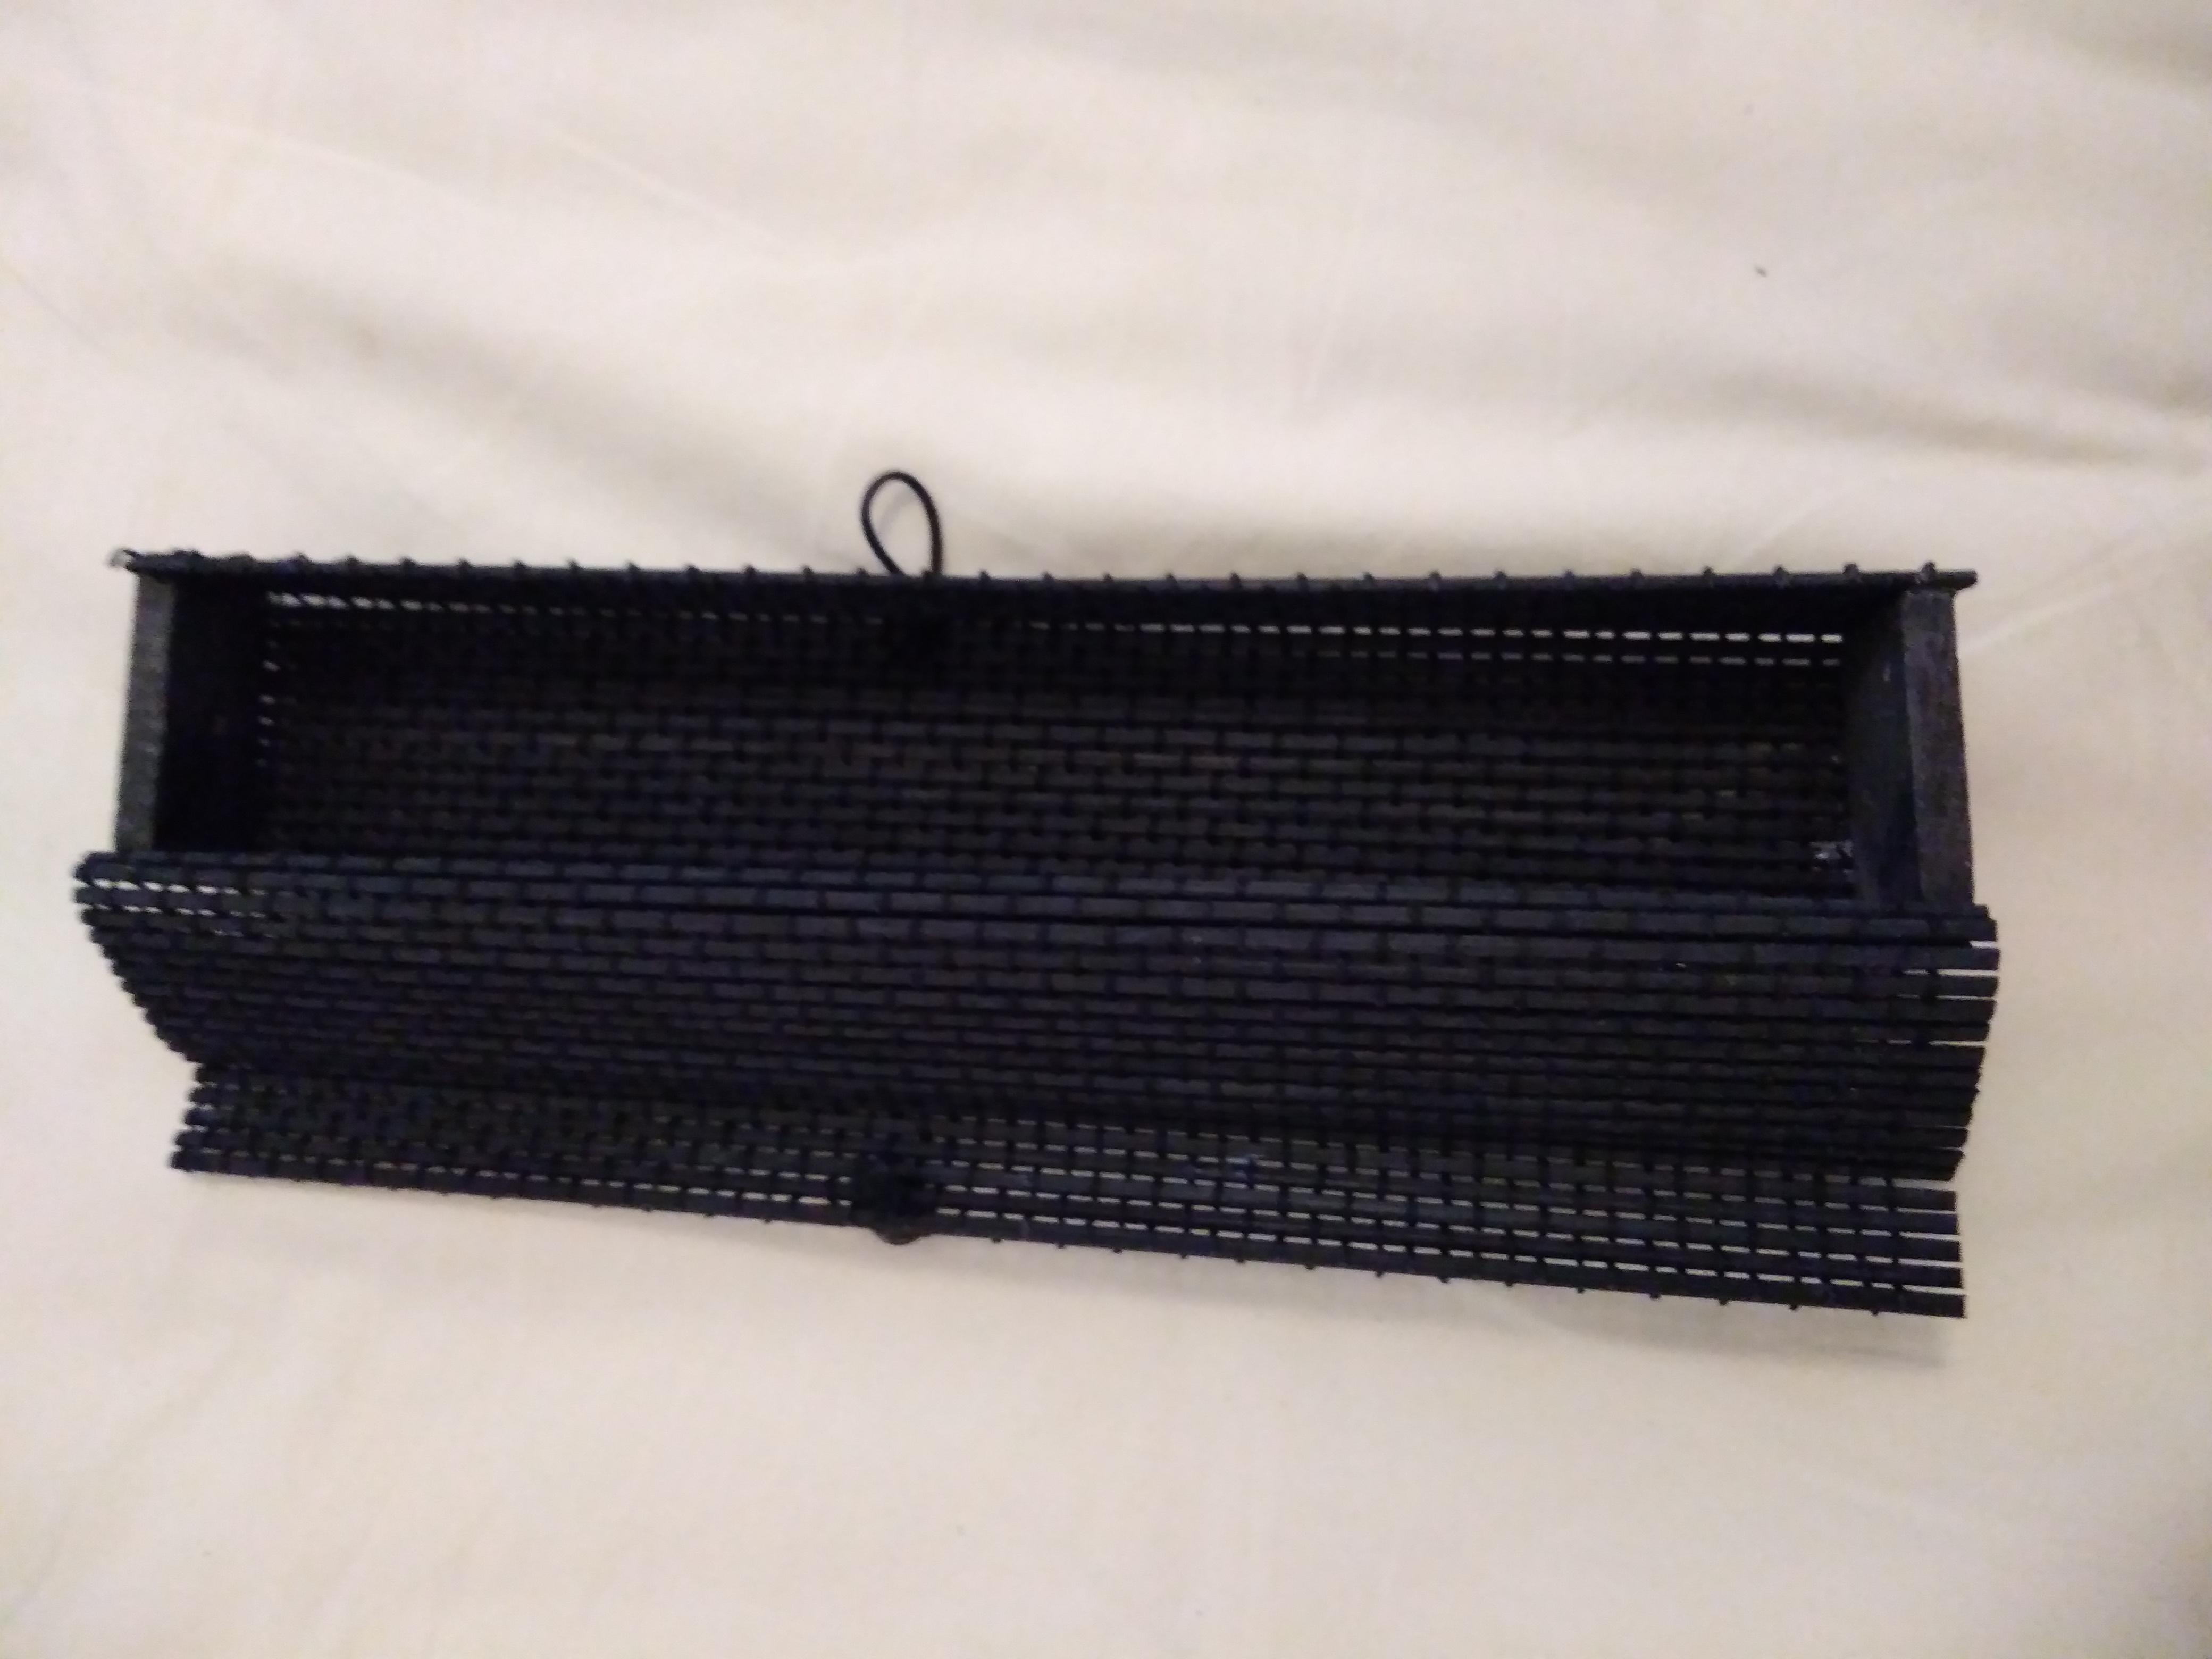 troc de troc boîte / trousse en bois noir image 1